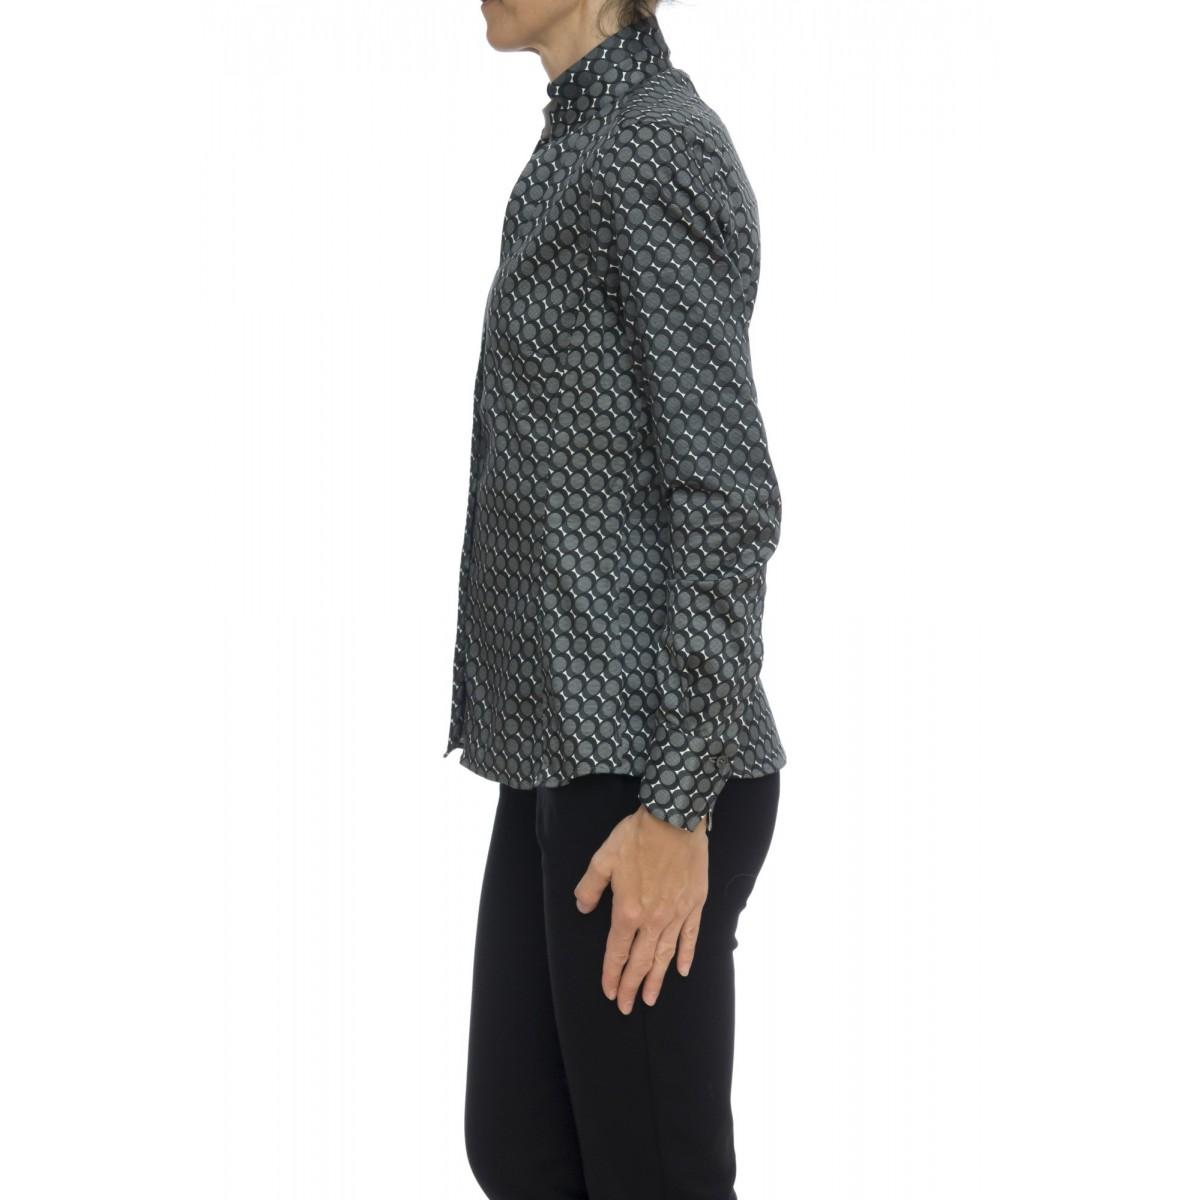 Camicia donna - R35 zvy